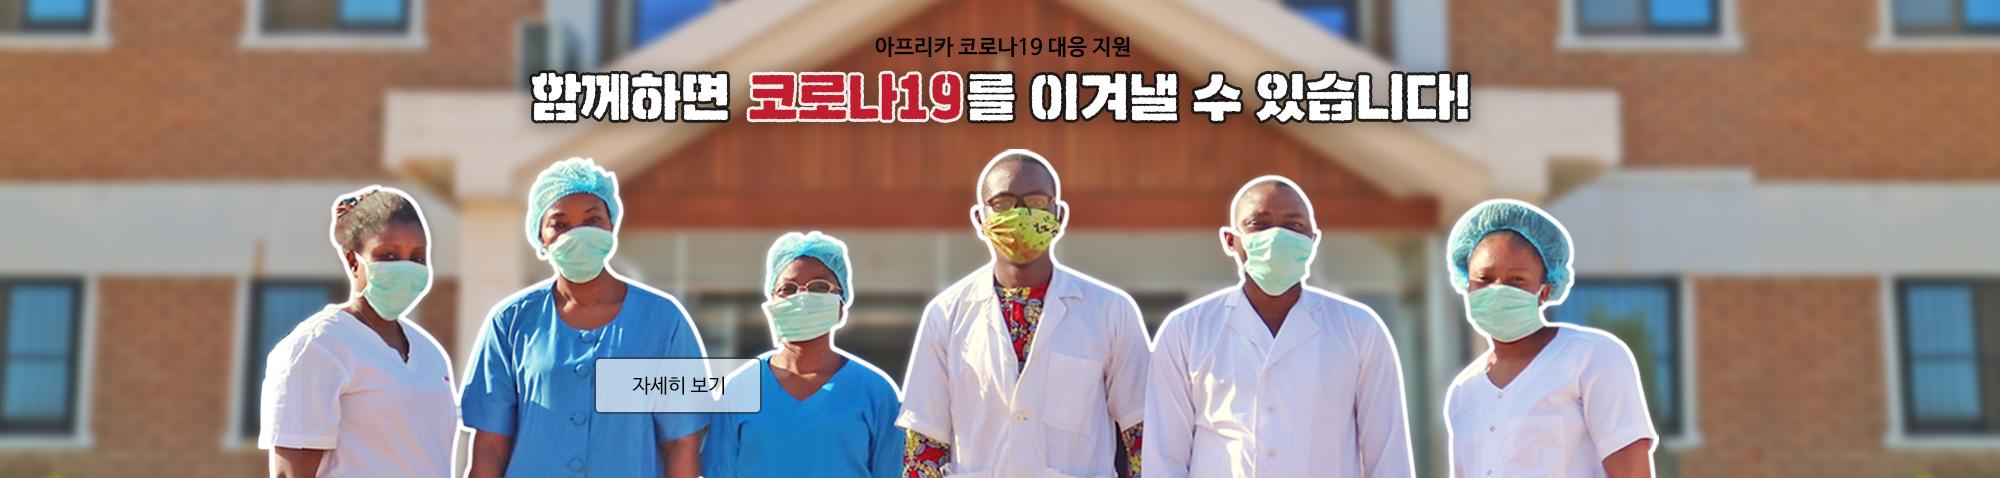 코로나19 극복을 위한 의료진 지원 긴급모금